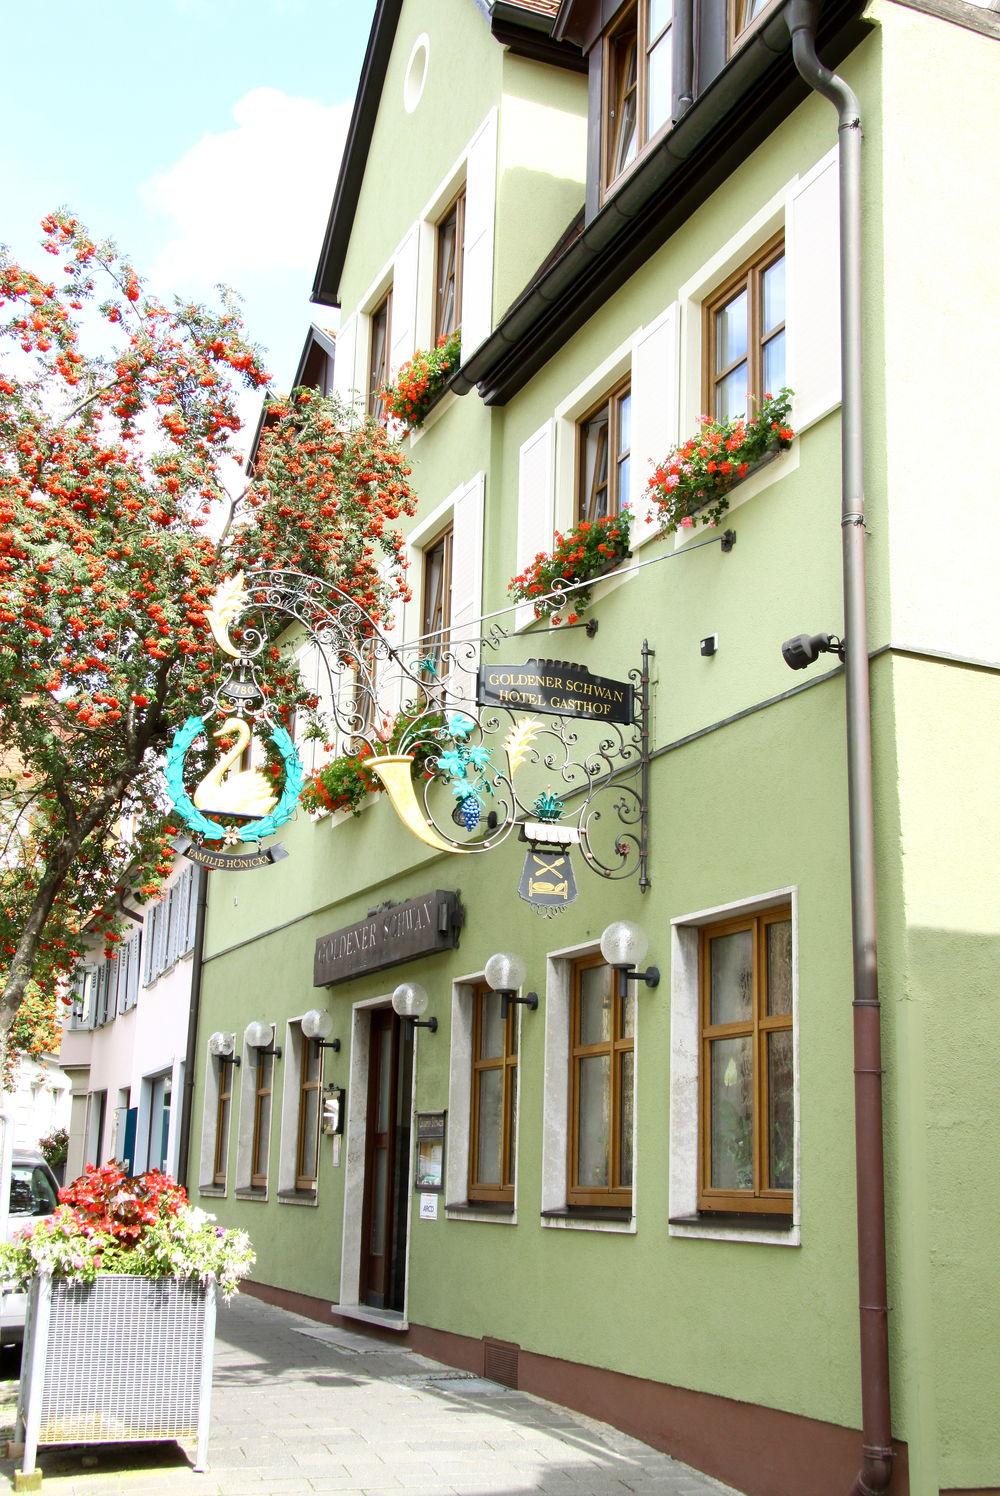 Full Size of Hotel Bad Windsheim Garni Goldener Schwan In Details Waldsee Birnbach Homburg Wellnesshotel Kissingen Mergentheim Hotels Gebrauchtwagen Kreuznach Nenndorf Bad Hotel Bad Windsheim